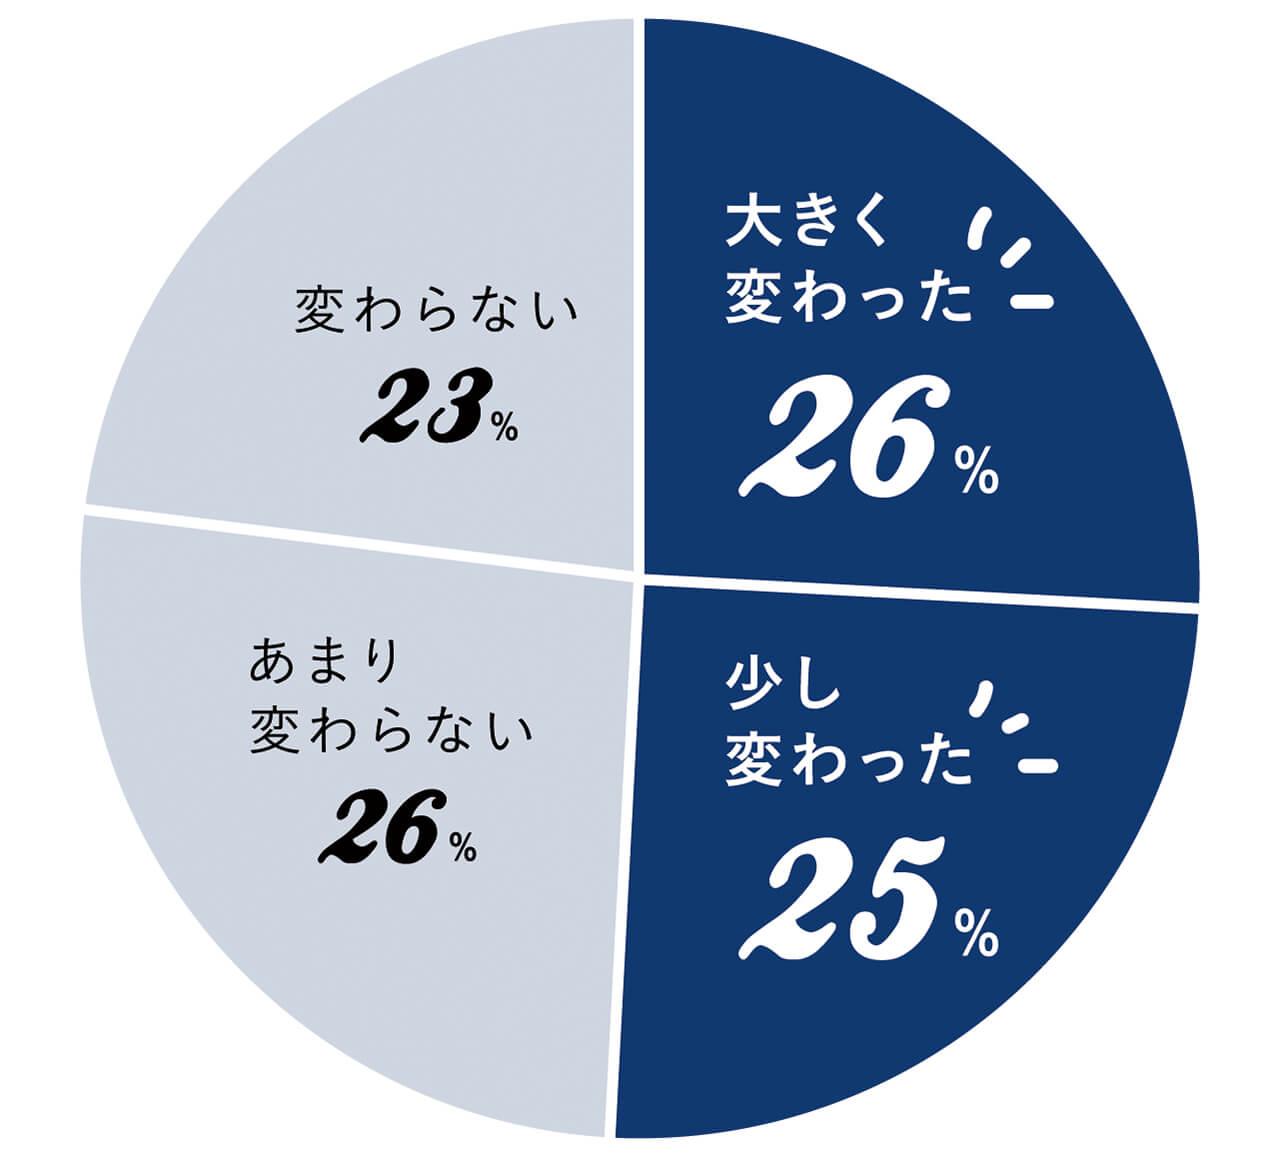 大きく変わった26% 少し変わった25% あまり変わらない26% 変わらない23%